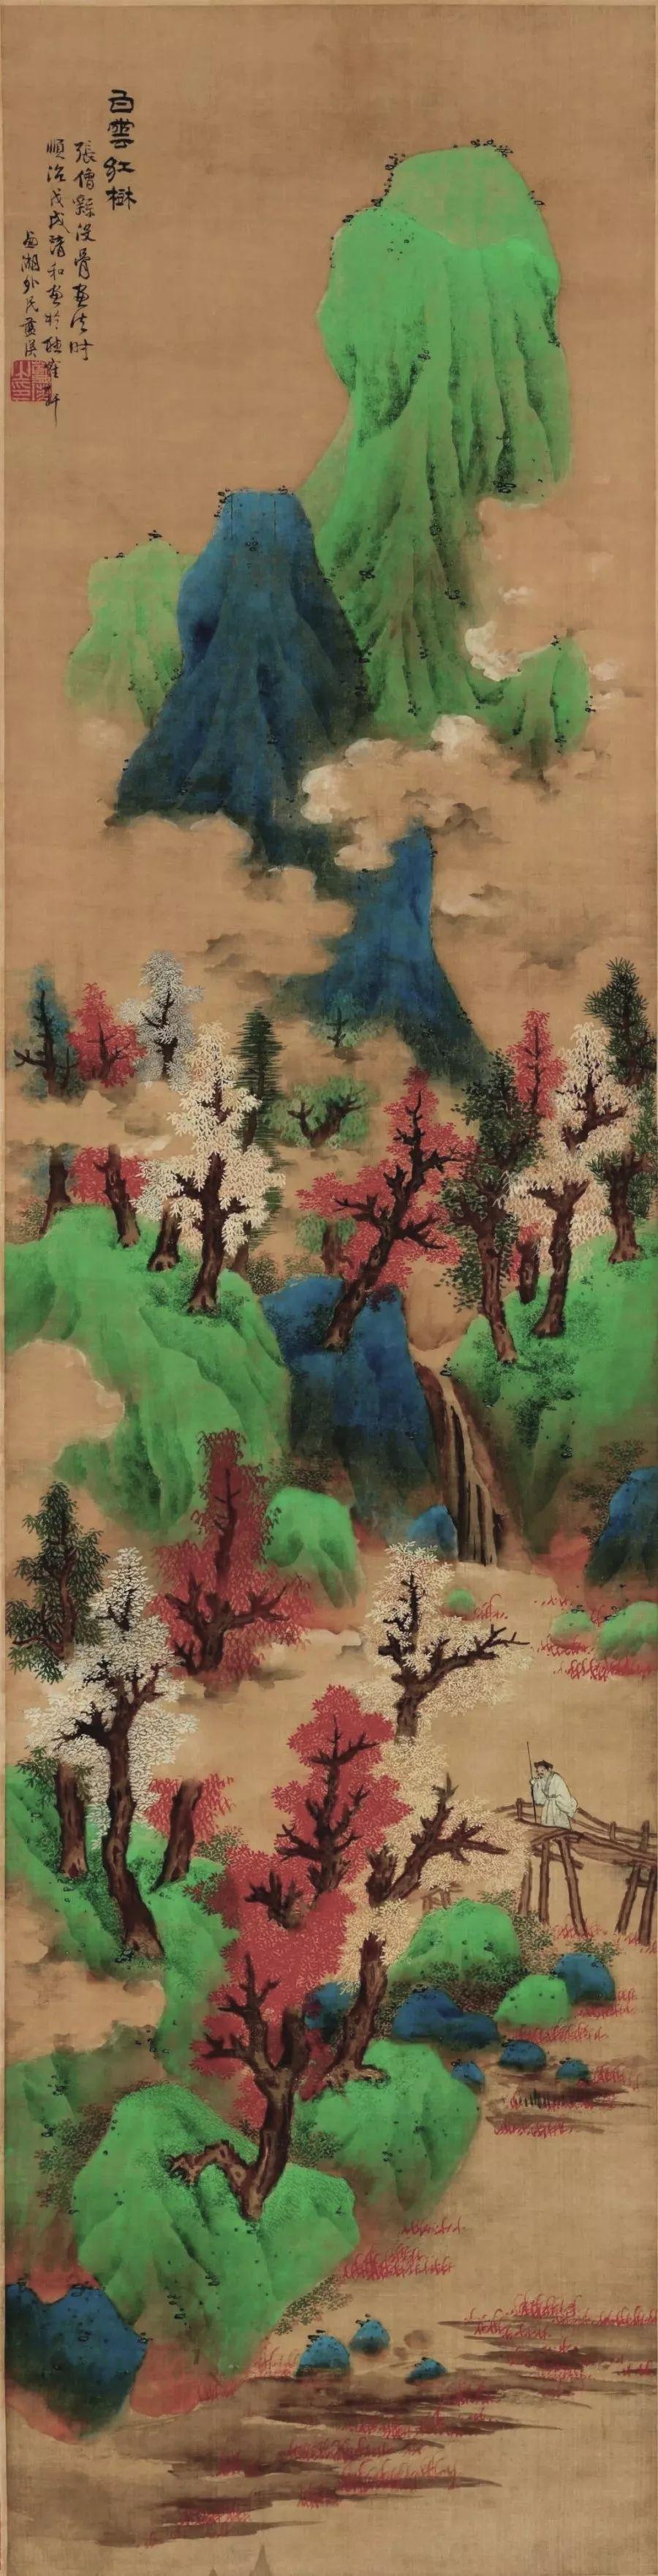 最美山水画丨不作收藏也要挂上一年